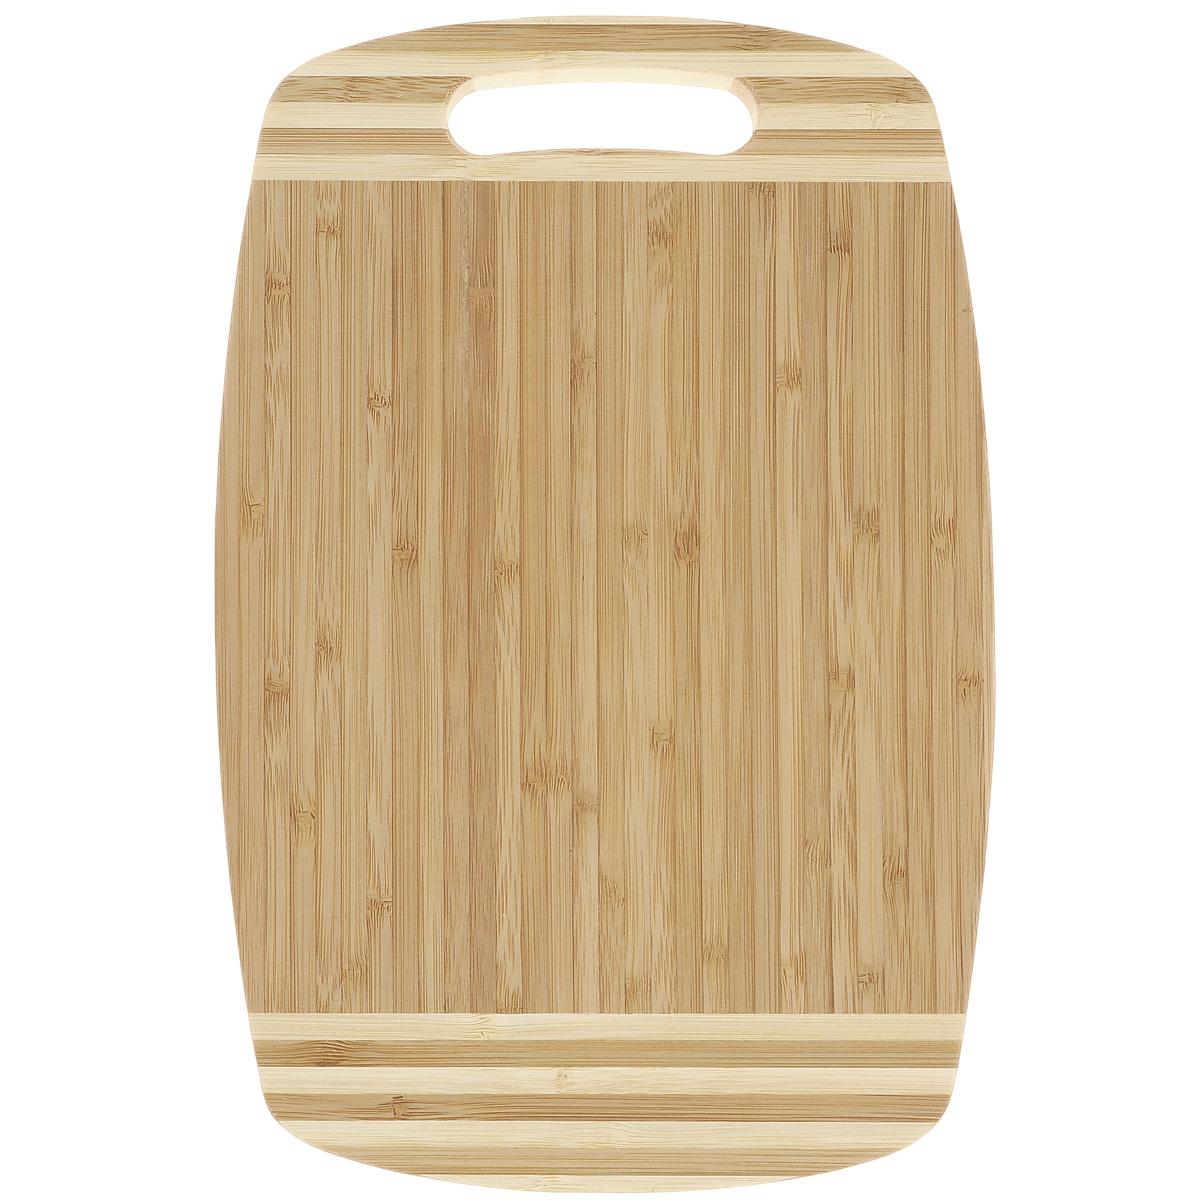 Доска разделочная Green Top, 30 х 20 см883175Разделочная доска Green Top изготовлена из натурального бамбука. Прекрасно подходит для приготовления и сервировки пищи. Всем известно, что на кухне без разделочной доски не обойтись. Ведь во время приготовления пищи мы то и дело что-то режем. Поэтому разделочная доска должна быть изготовлена из прочного и экологически чистого материала, ведь с ней соприкасается наша пища. Доска оснащена специальным отверстием для подвешивания в любом удобном месте. Функциональная и простая в использовании, разделочная доска Green Top прекрасно впишется в интерьер любой кухни и прослужит вам долгие годы.